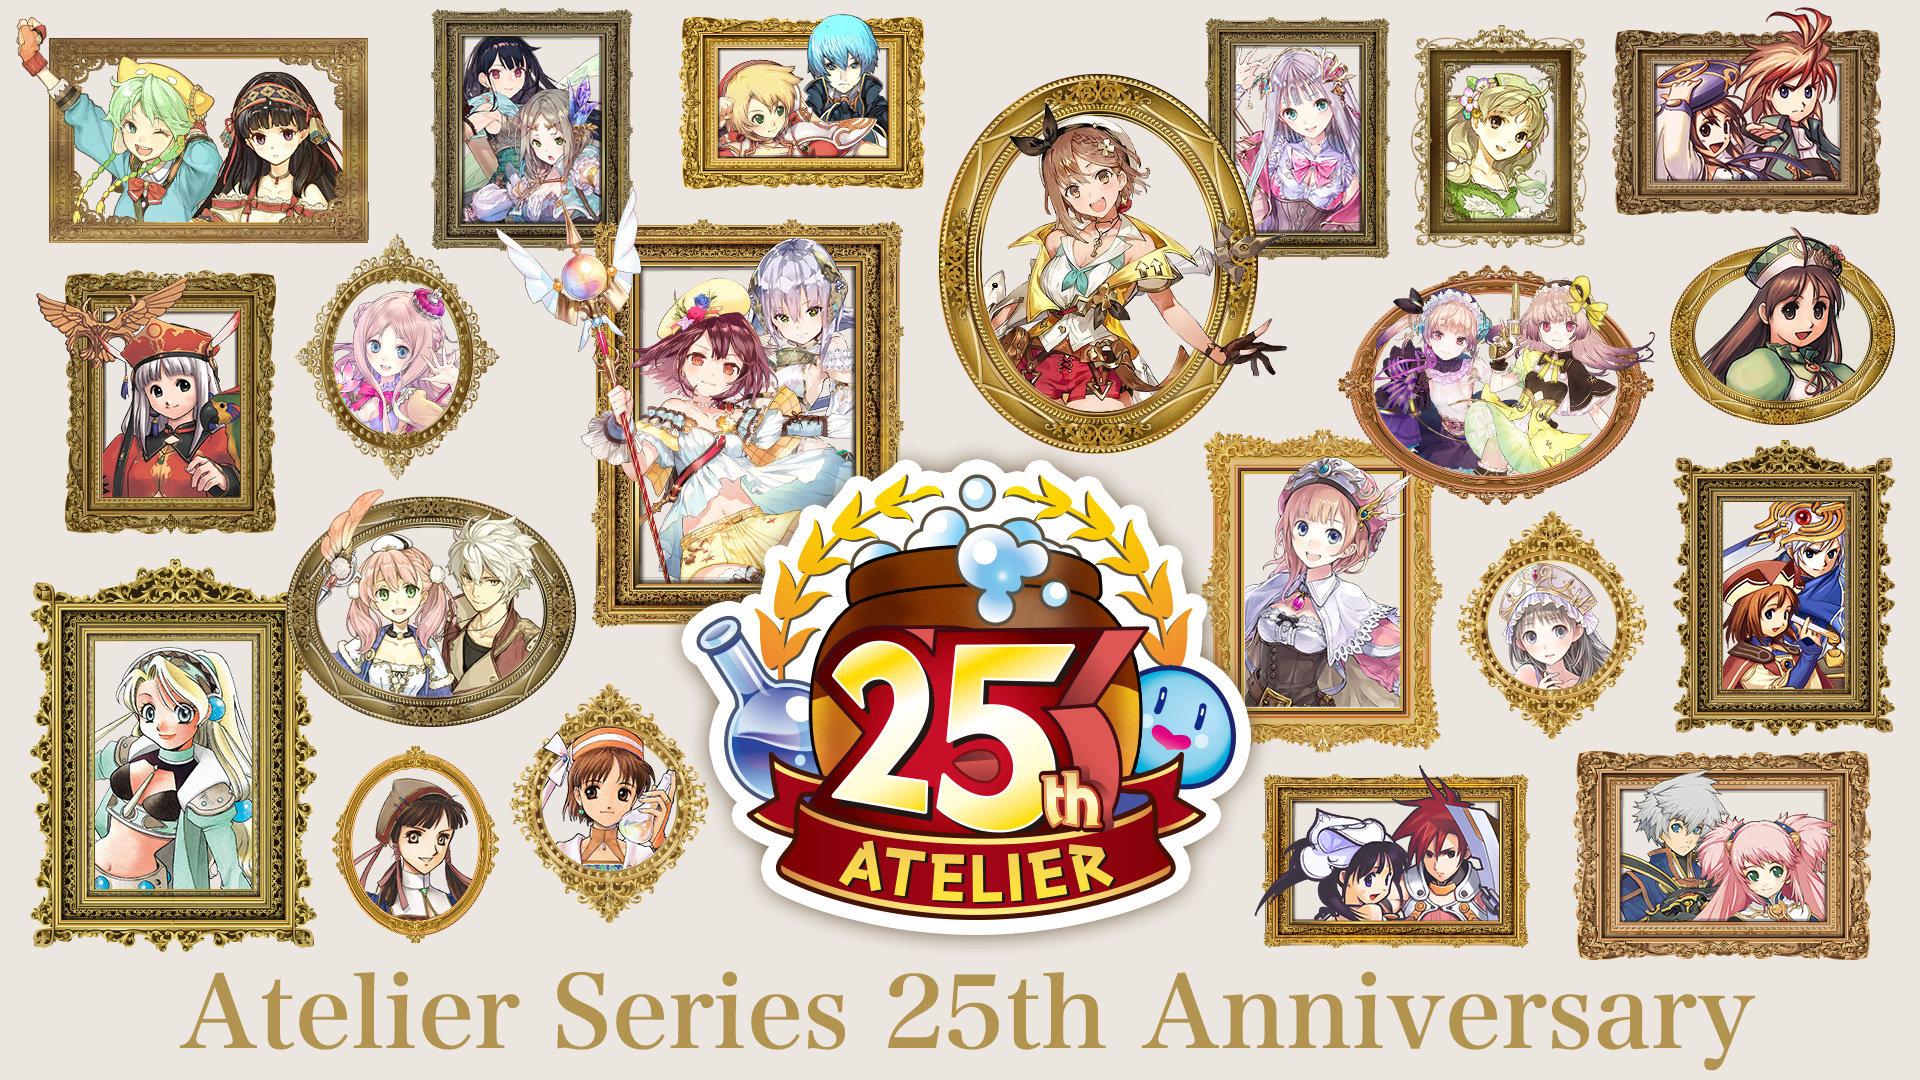 """《炼金工房》系列25周年纪念 将于10月2日举行""""光荣特库摩特别节目"""""""